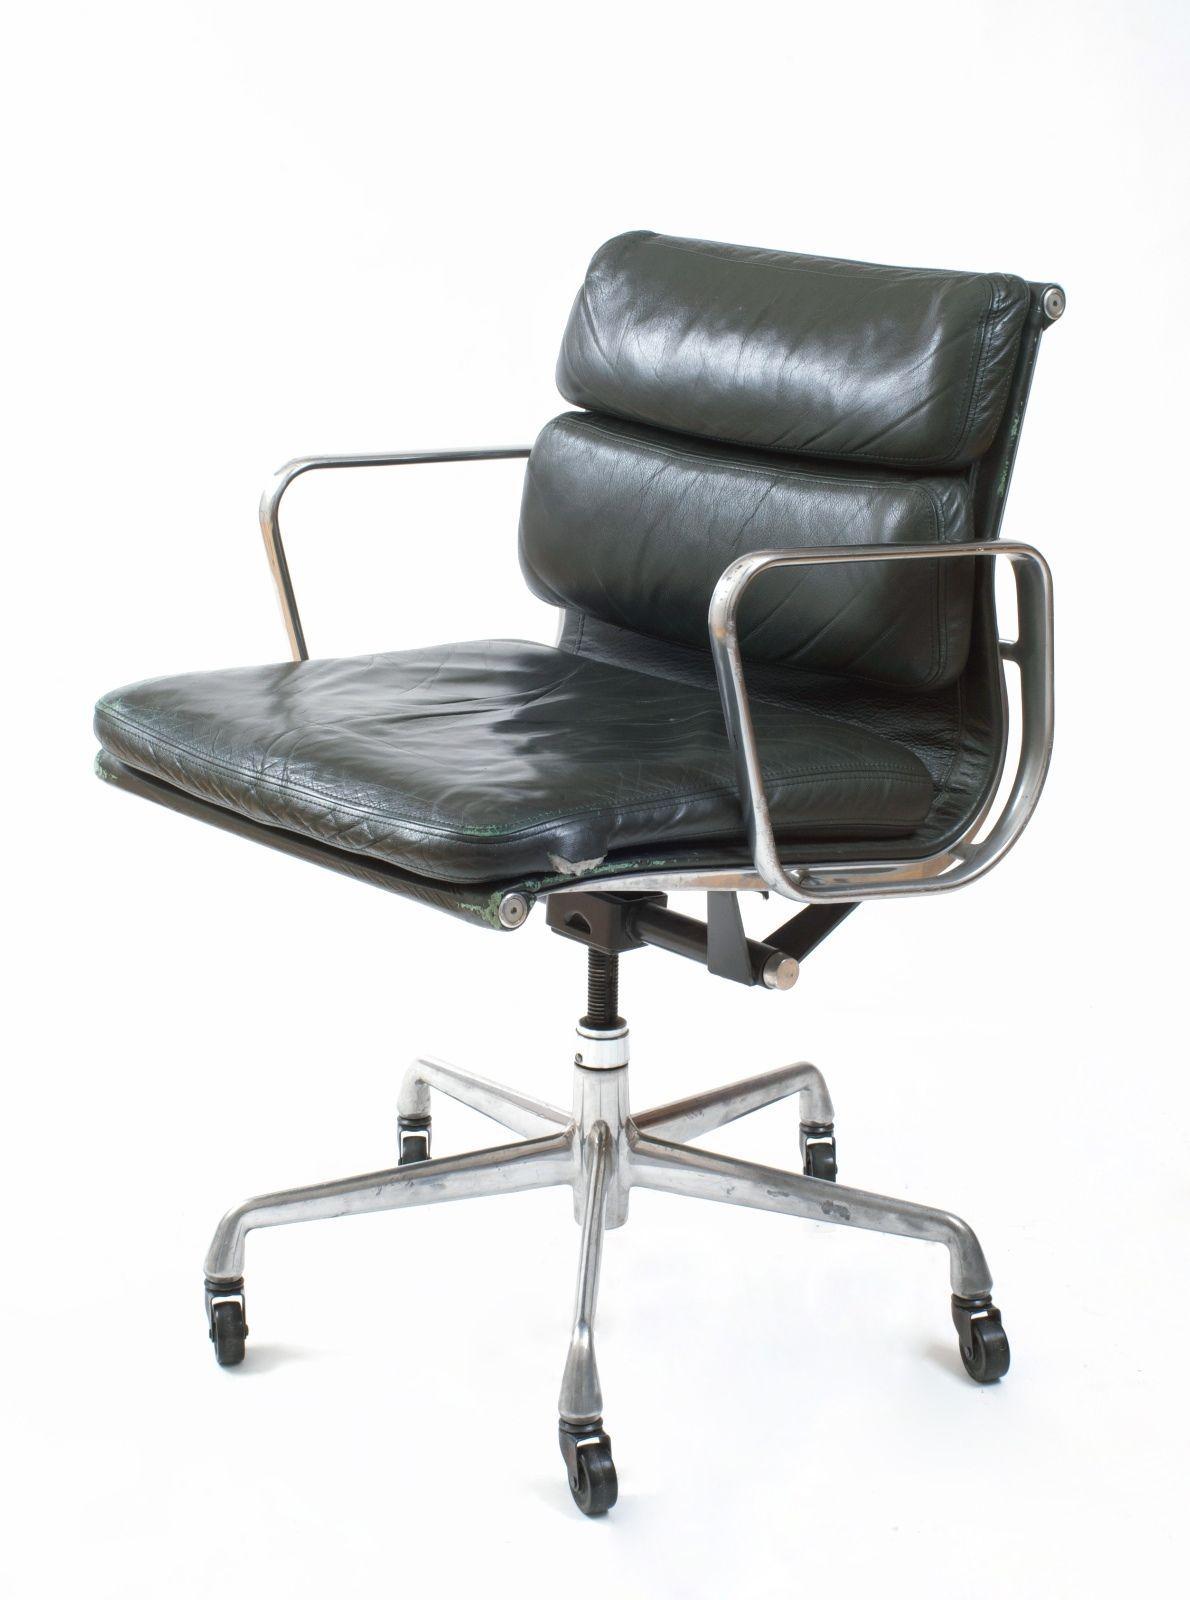 Vintage Eames Soft Pad Management Chair For Herman Miller Dark